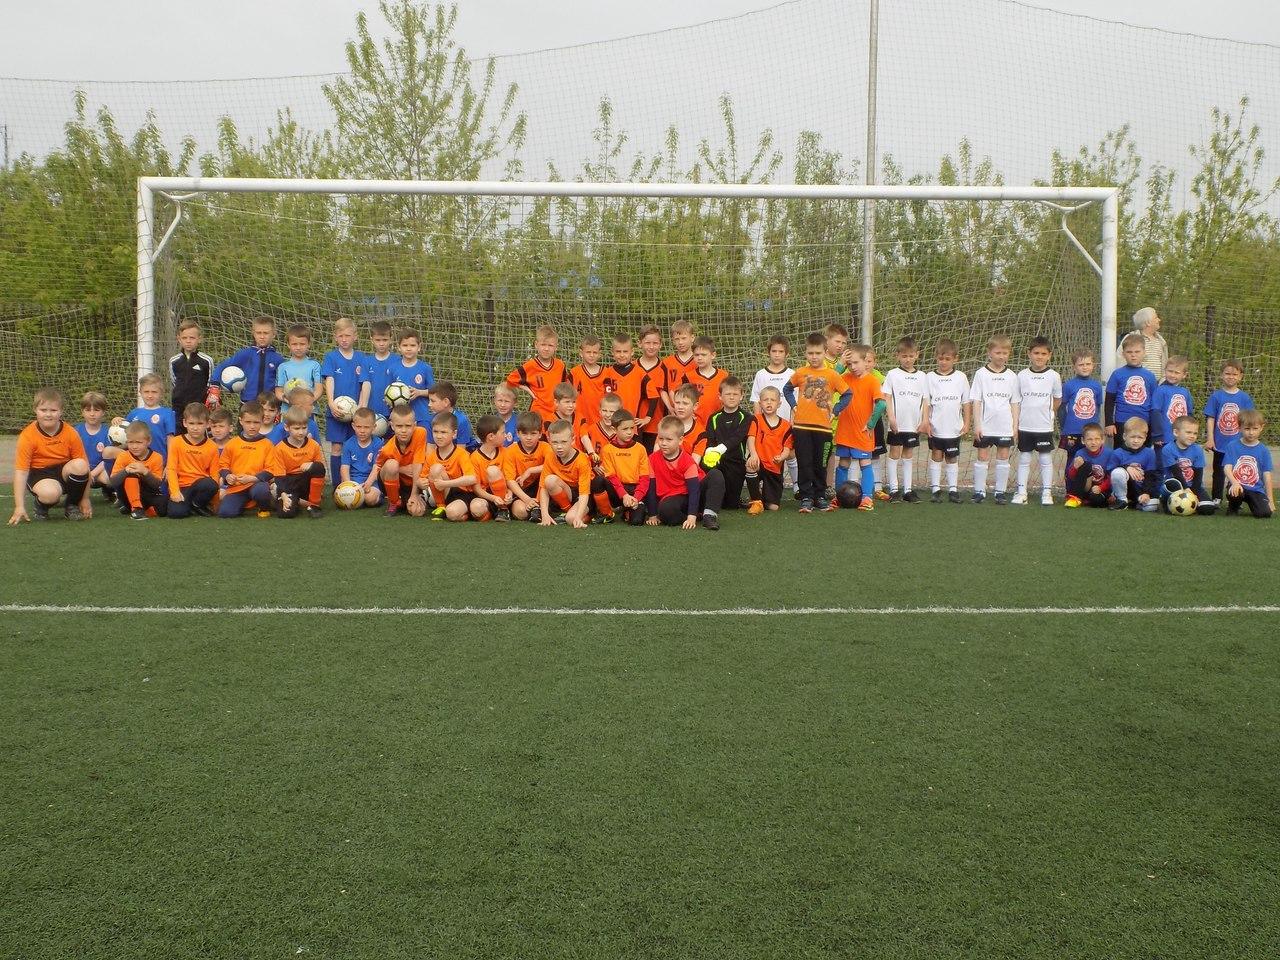 Расписание игр чемпионата города Подольска среди детских команд 2006 и 2007/2008 г.р. на 09.09.2017 года